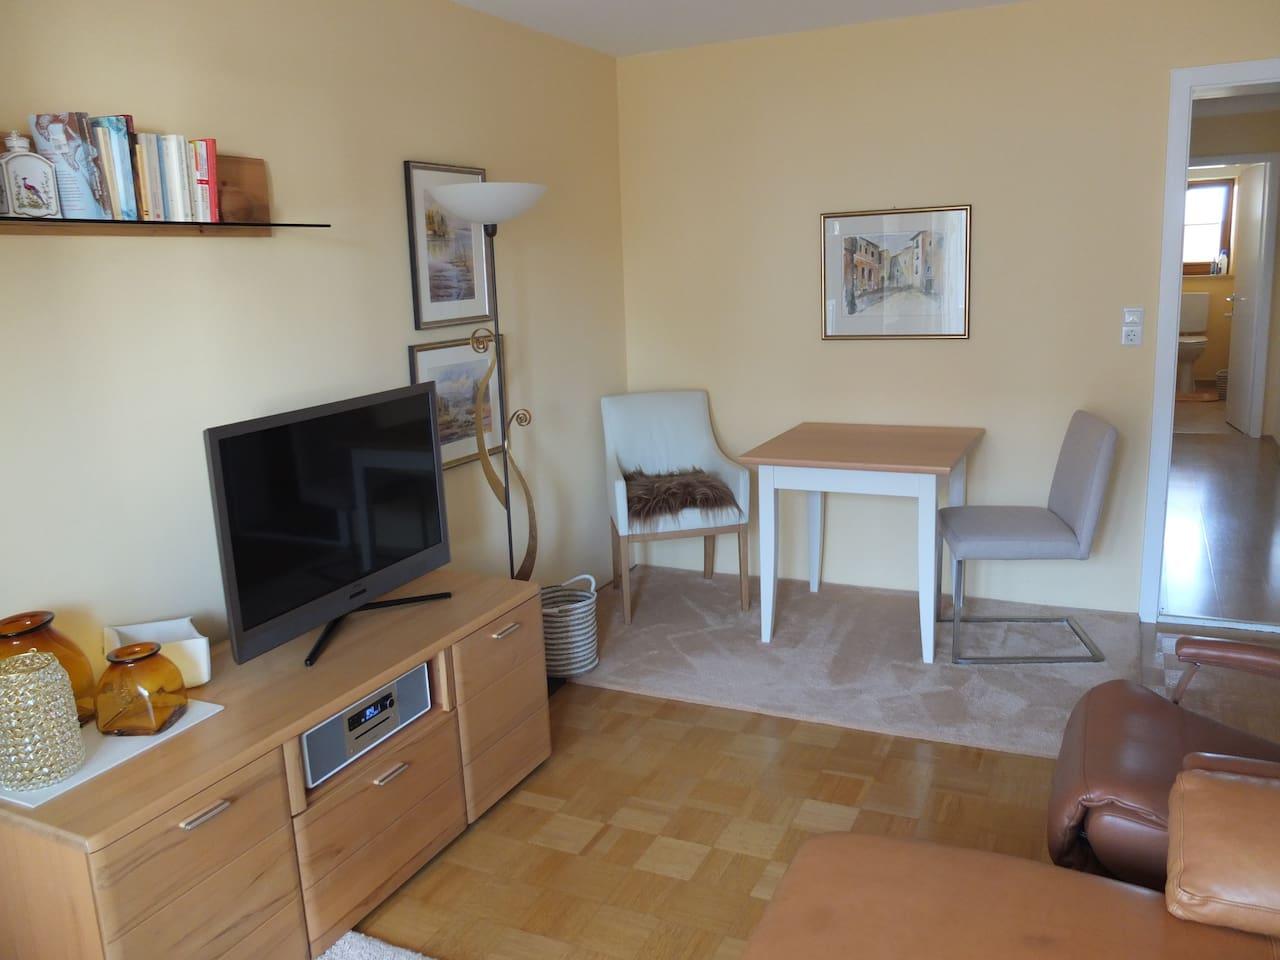 Wohnzimmer mit Essplatz und Couch